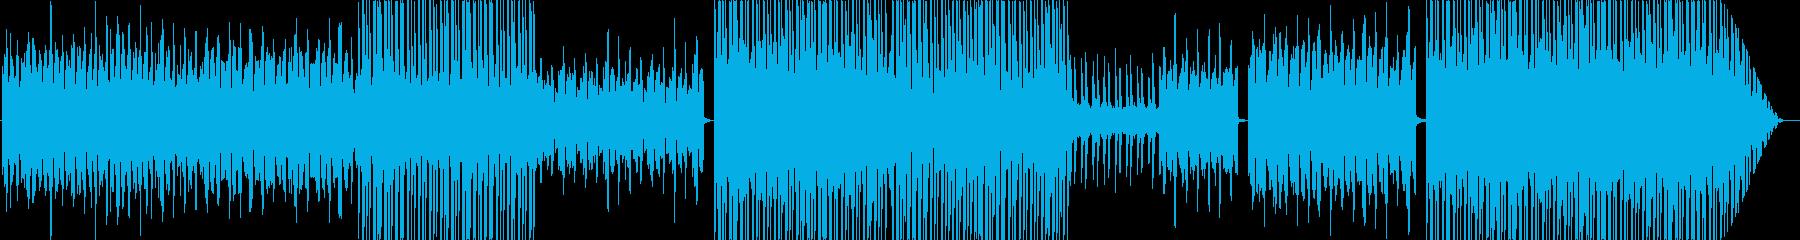 シンセサイザーとラテンビートの再生済みの波形